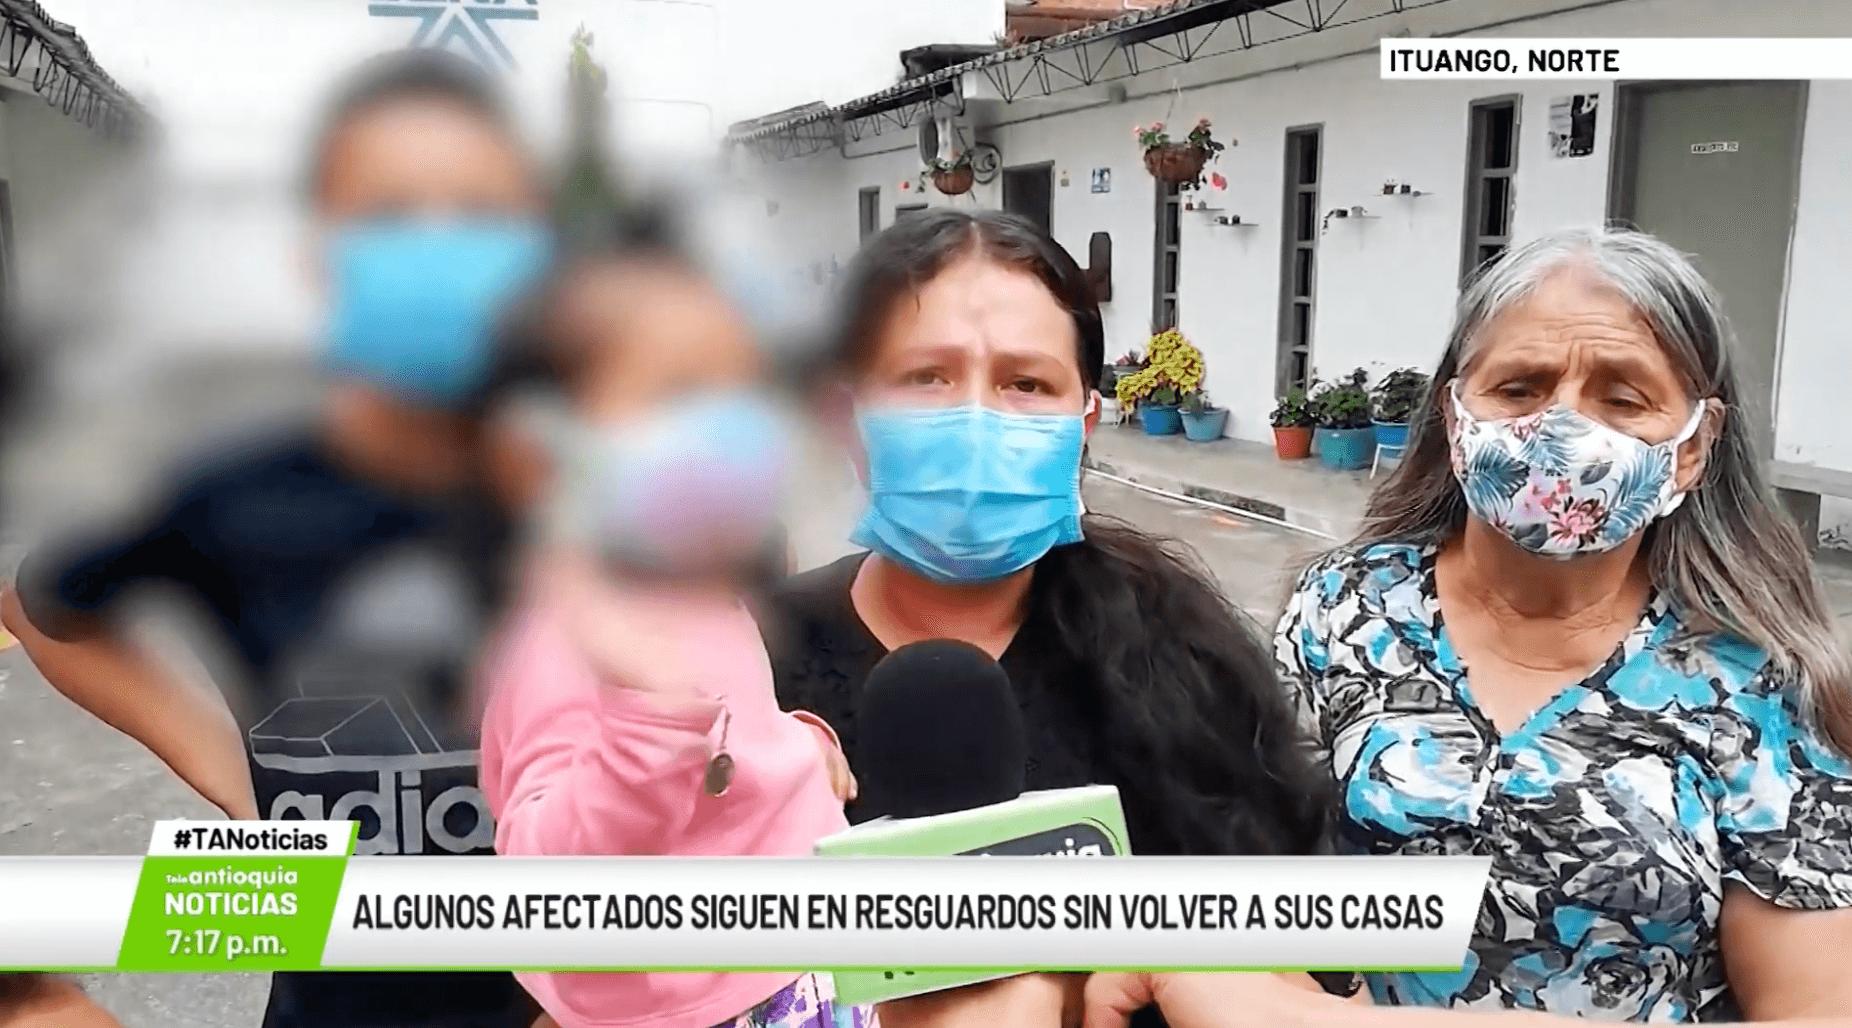 Algunos afectados siguen resguardados sin volver a sus casas